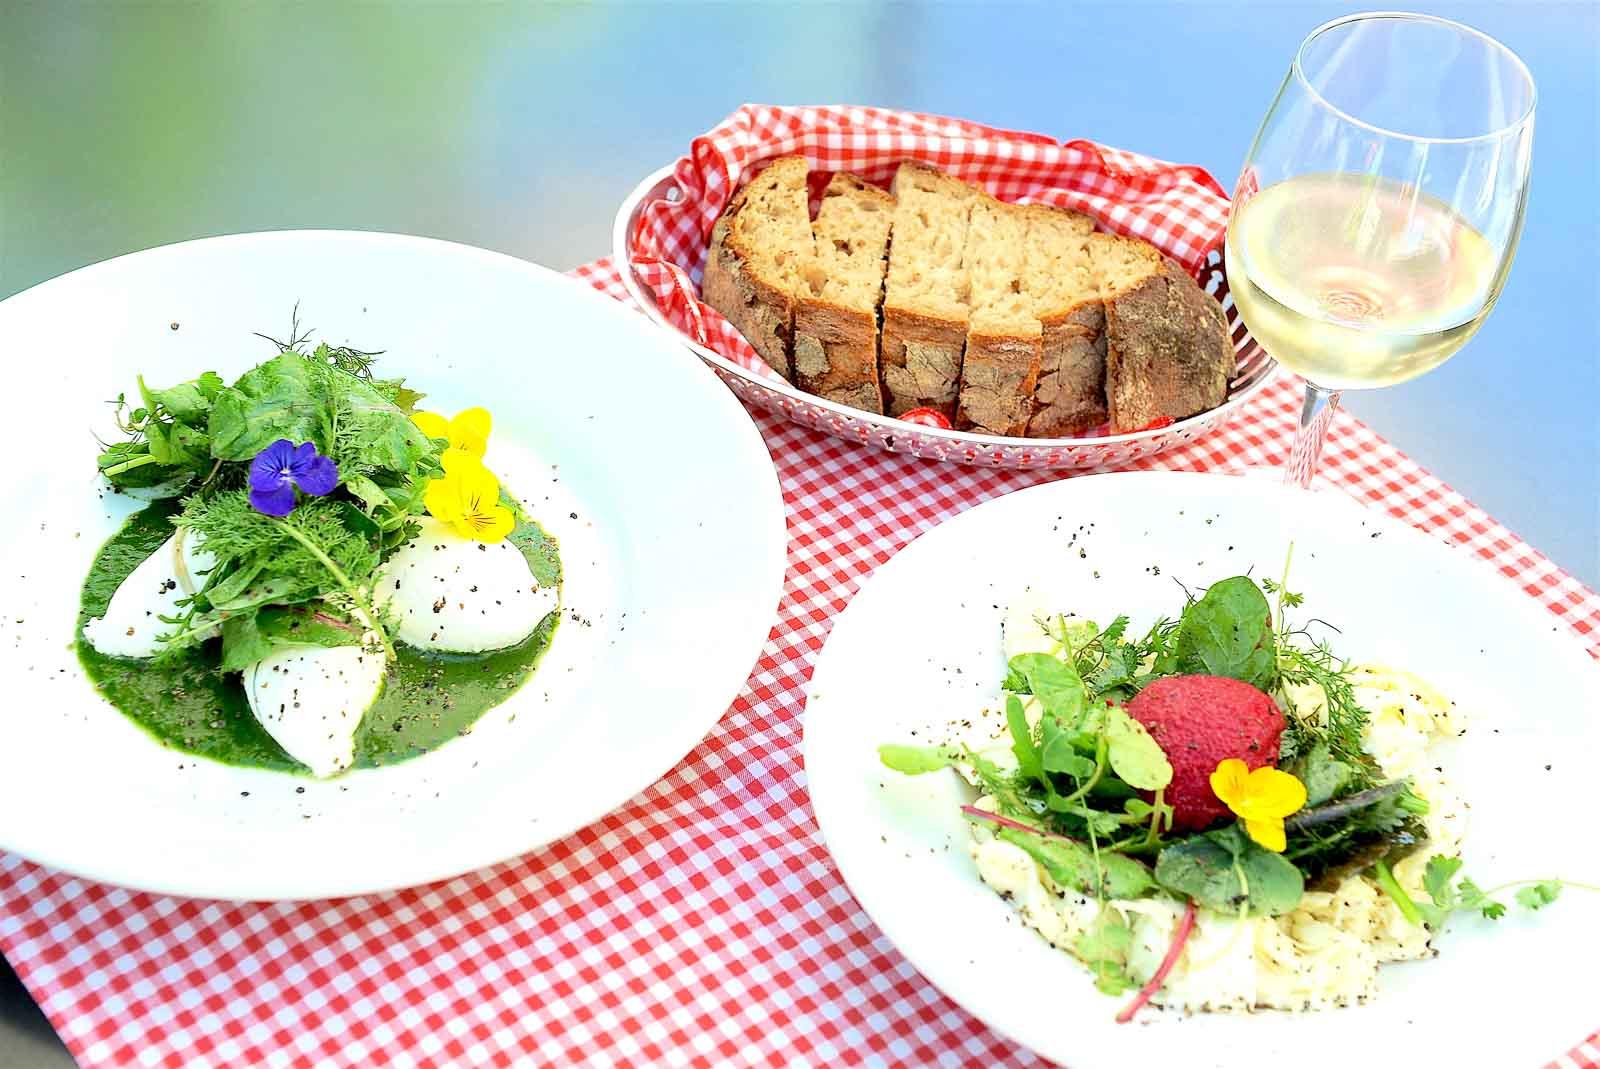 """Die beiden Vorspeisen: Links """"Ziegenkäsemousse auf grüner Wiese», rechts «Randenmousse mit Mozzarella und Meeretich-Heu»."""